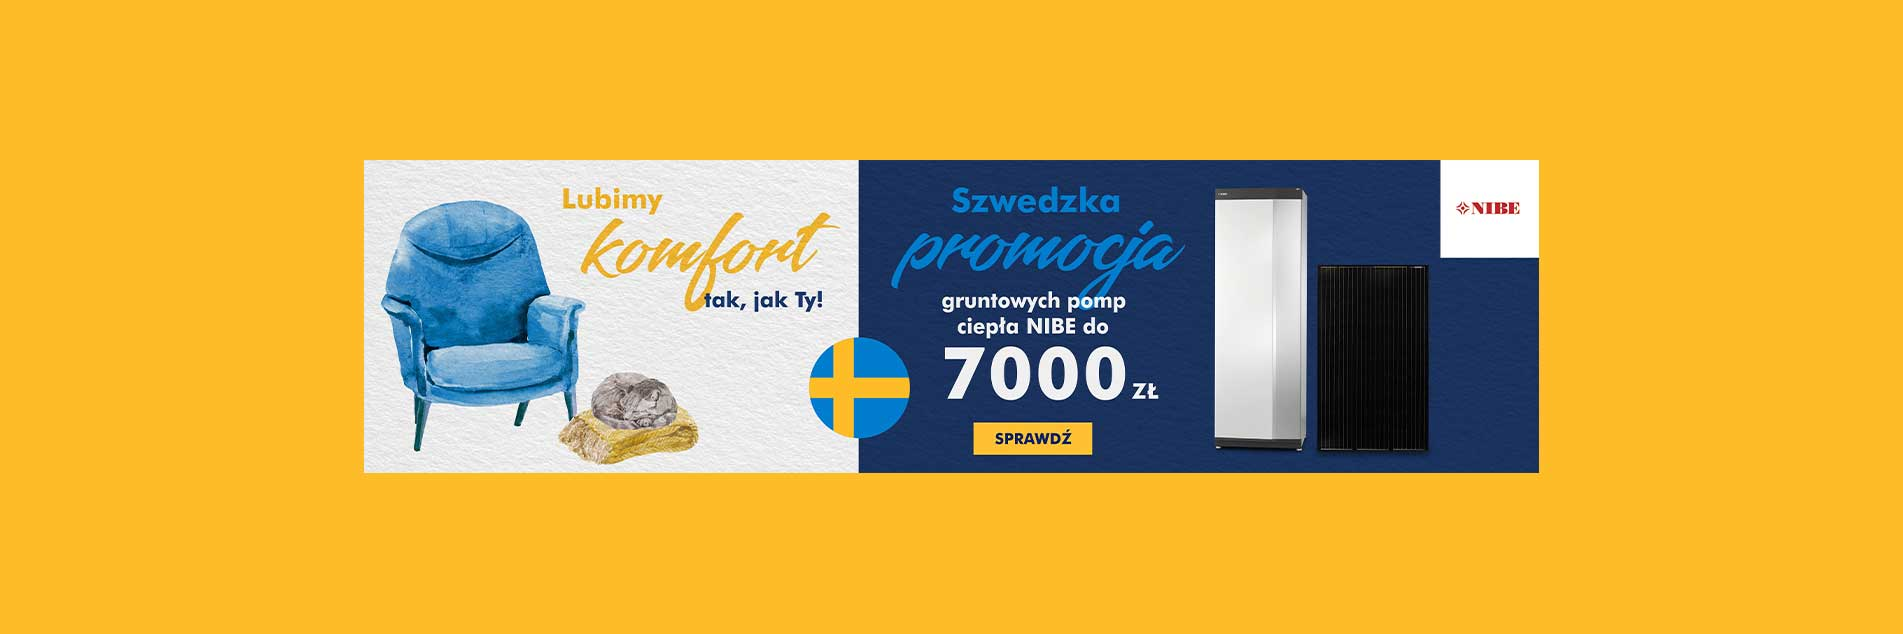 https://derkon.com.pl/wp-content/uploads/2021/09/derkon_szwedzka_promocja_2021.jpg